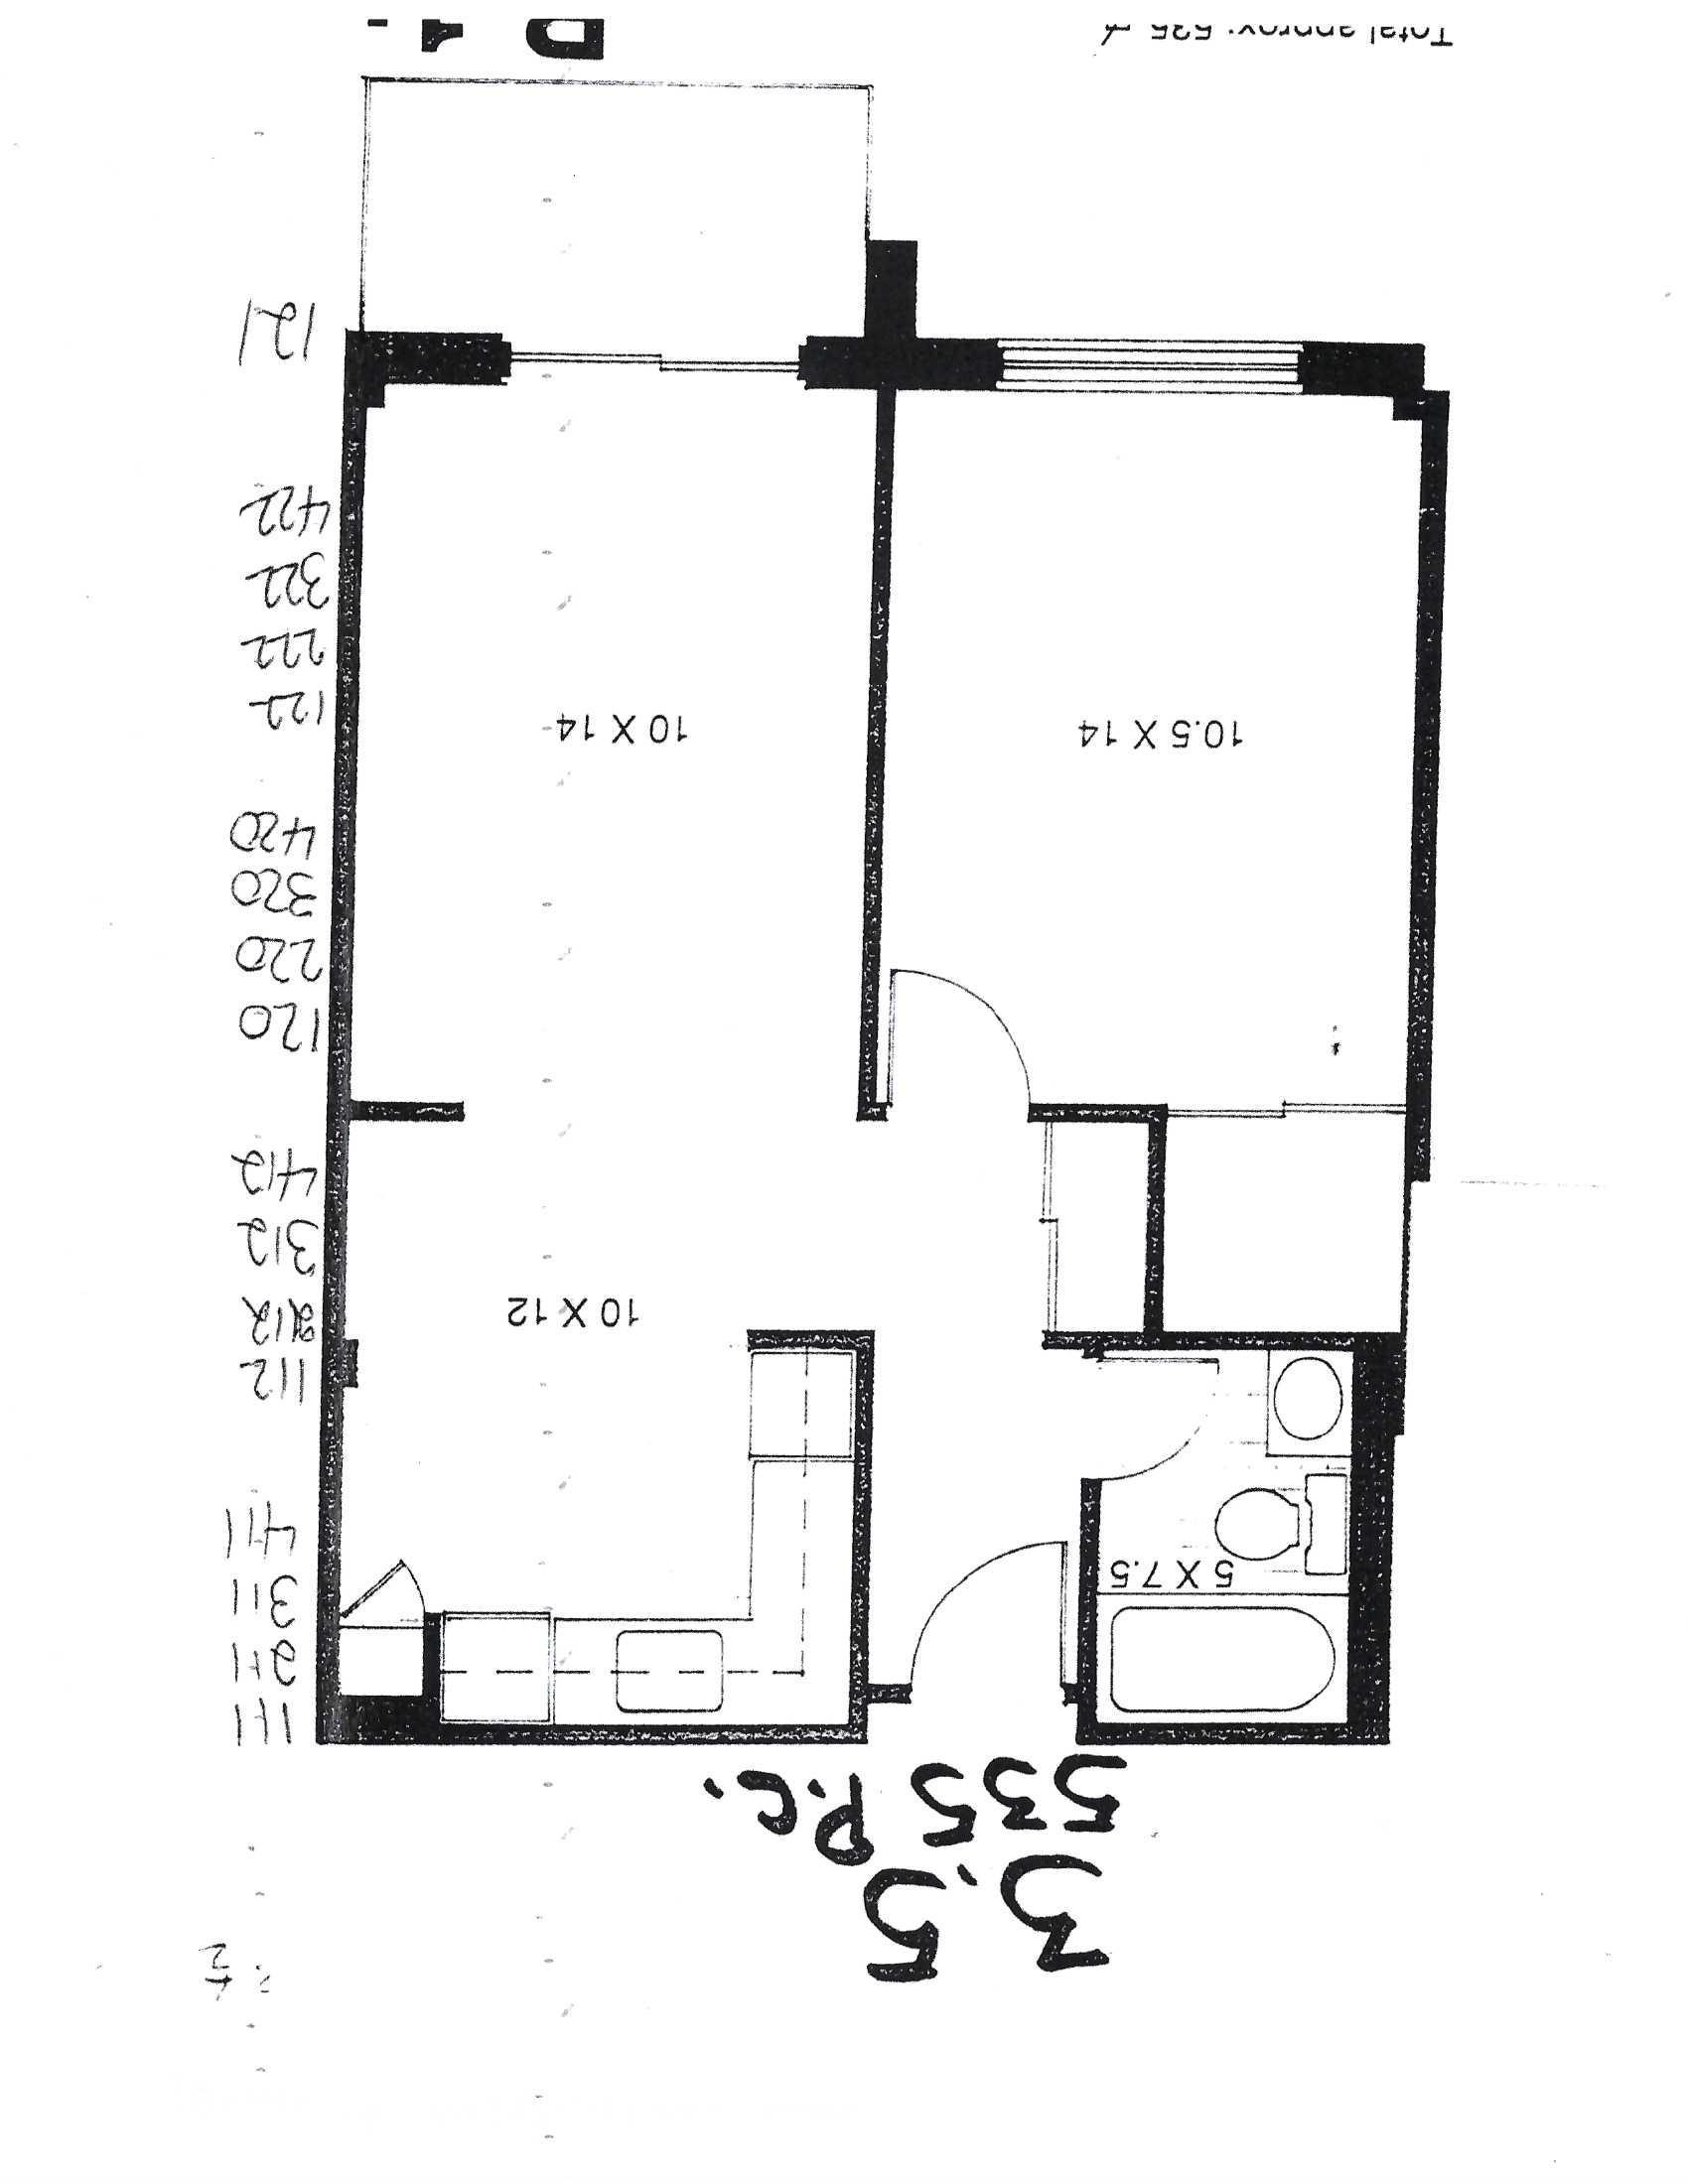 1 bedroom Apartments for rent in Pointe-aux-Trembles at Habitations de la Rousseliere - Floorplan 01 - RentersPages – L1921